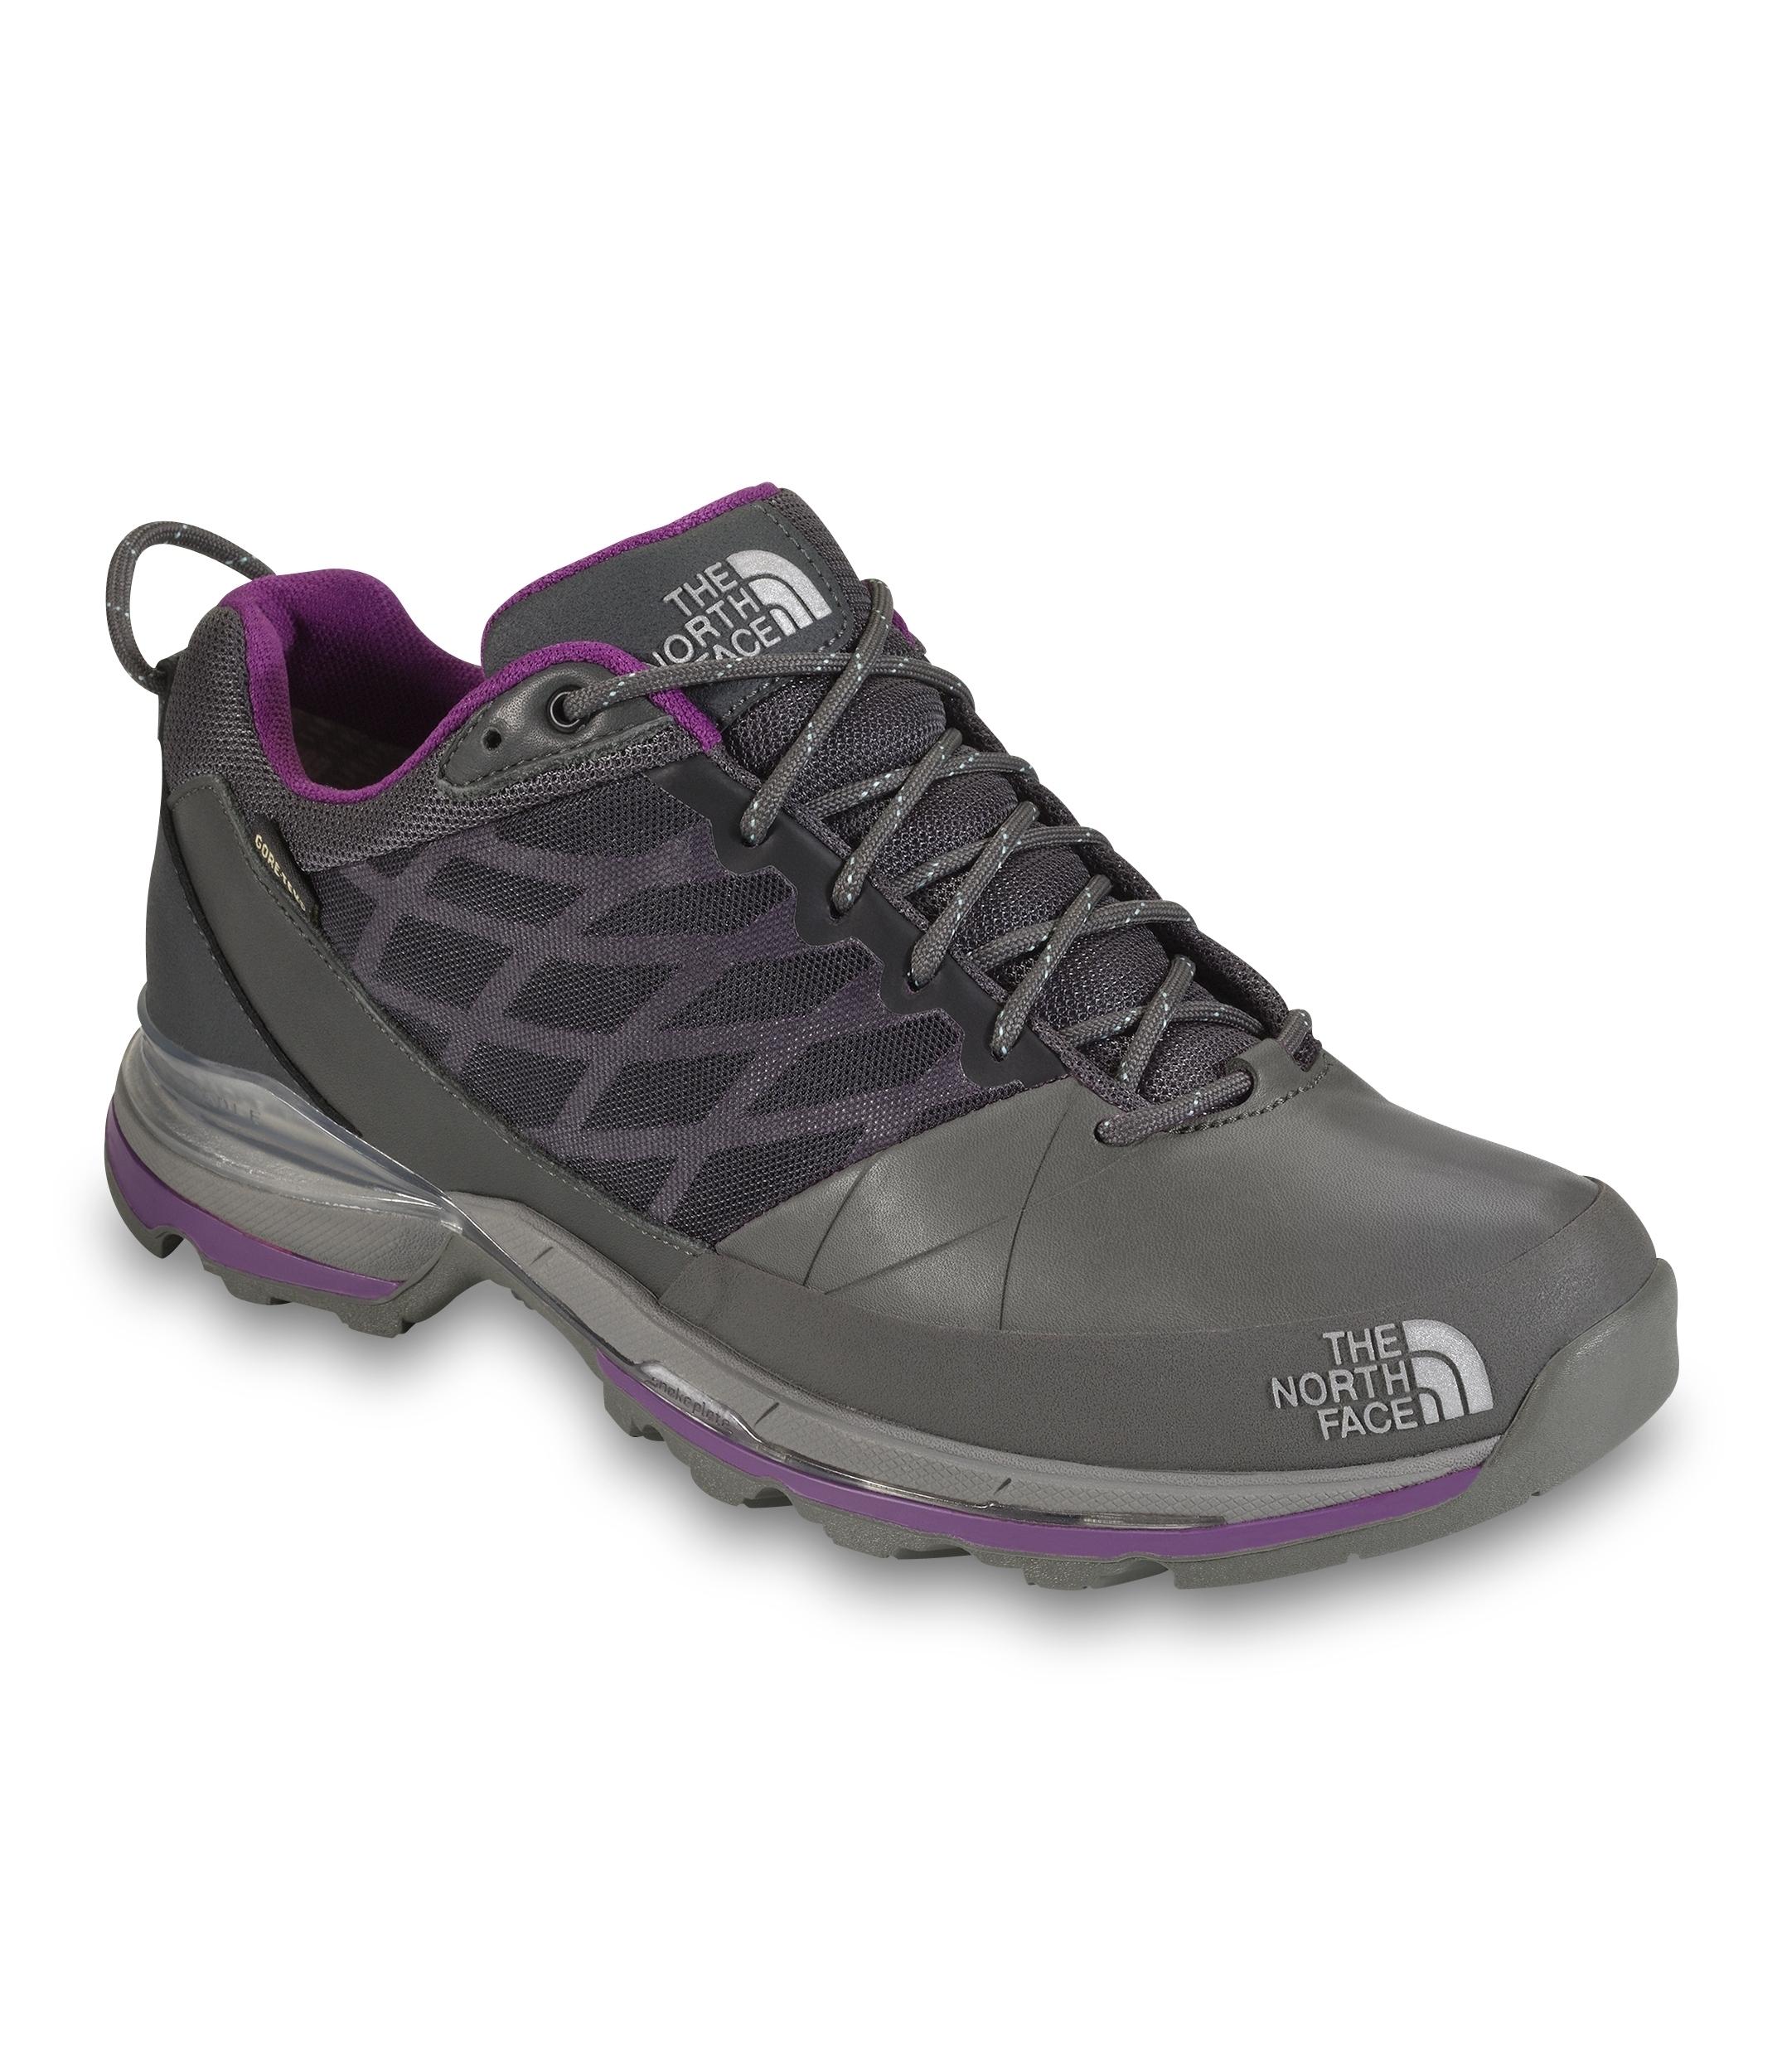 象征着这款速行鞋将克服各种环